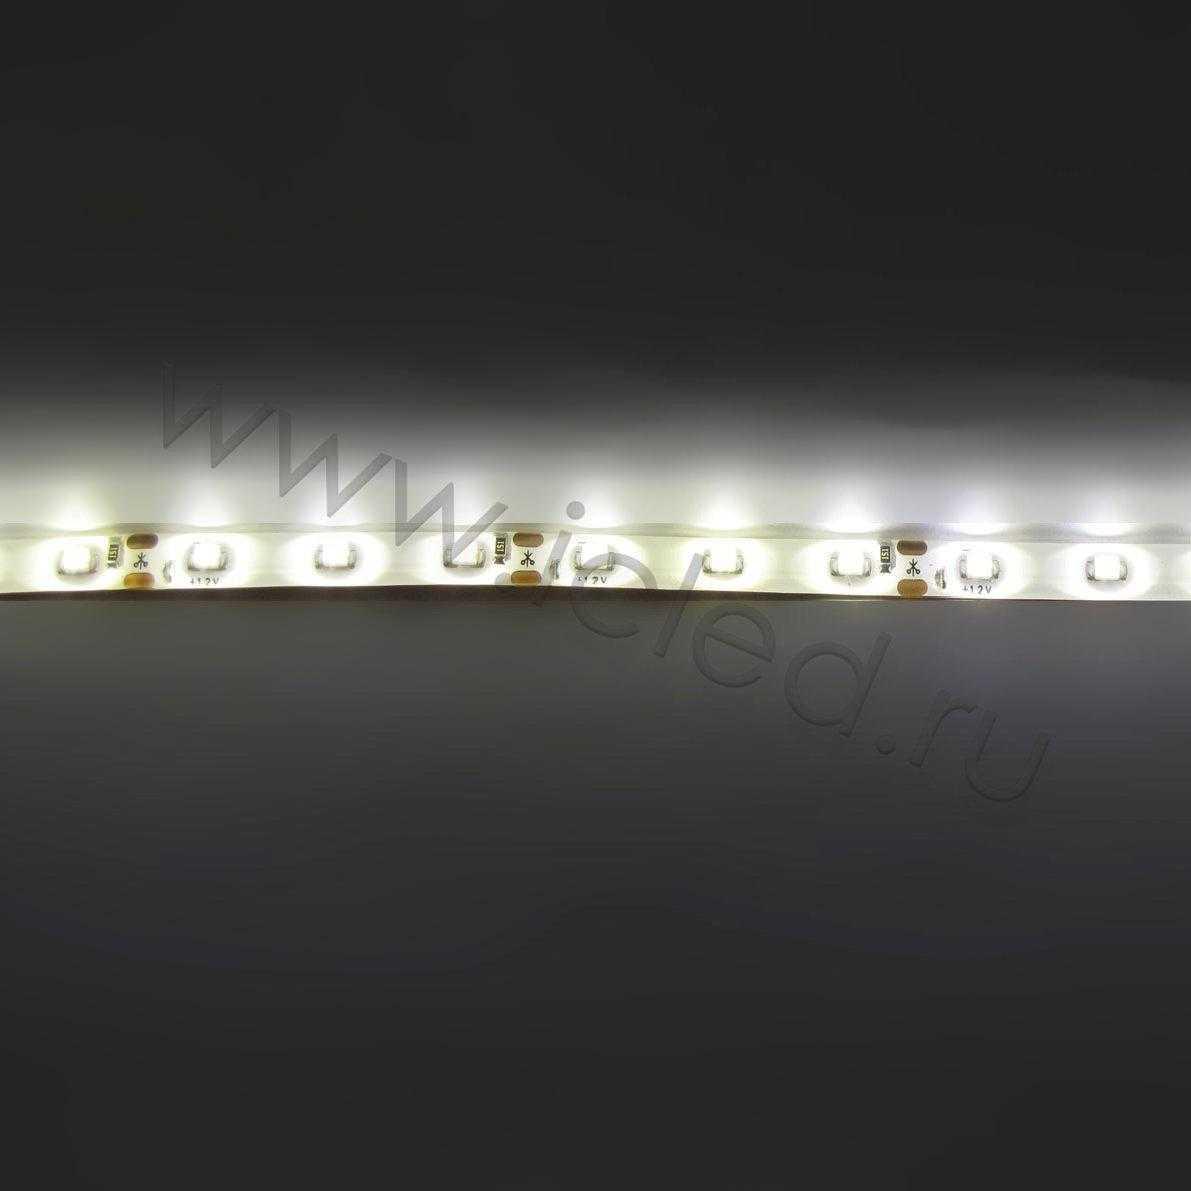 Светодиодная лента Econom class, 3528, 60led/m, Warm White, 12V, IP65